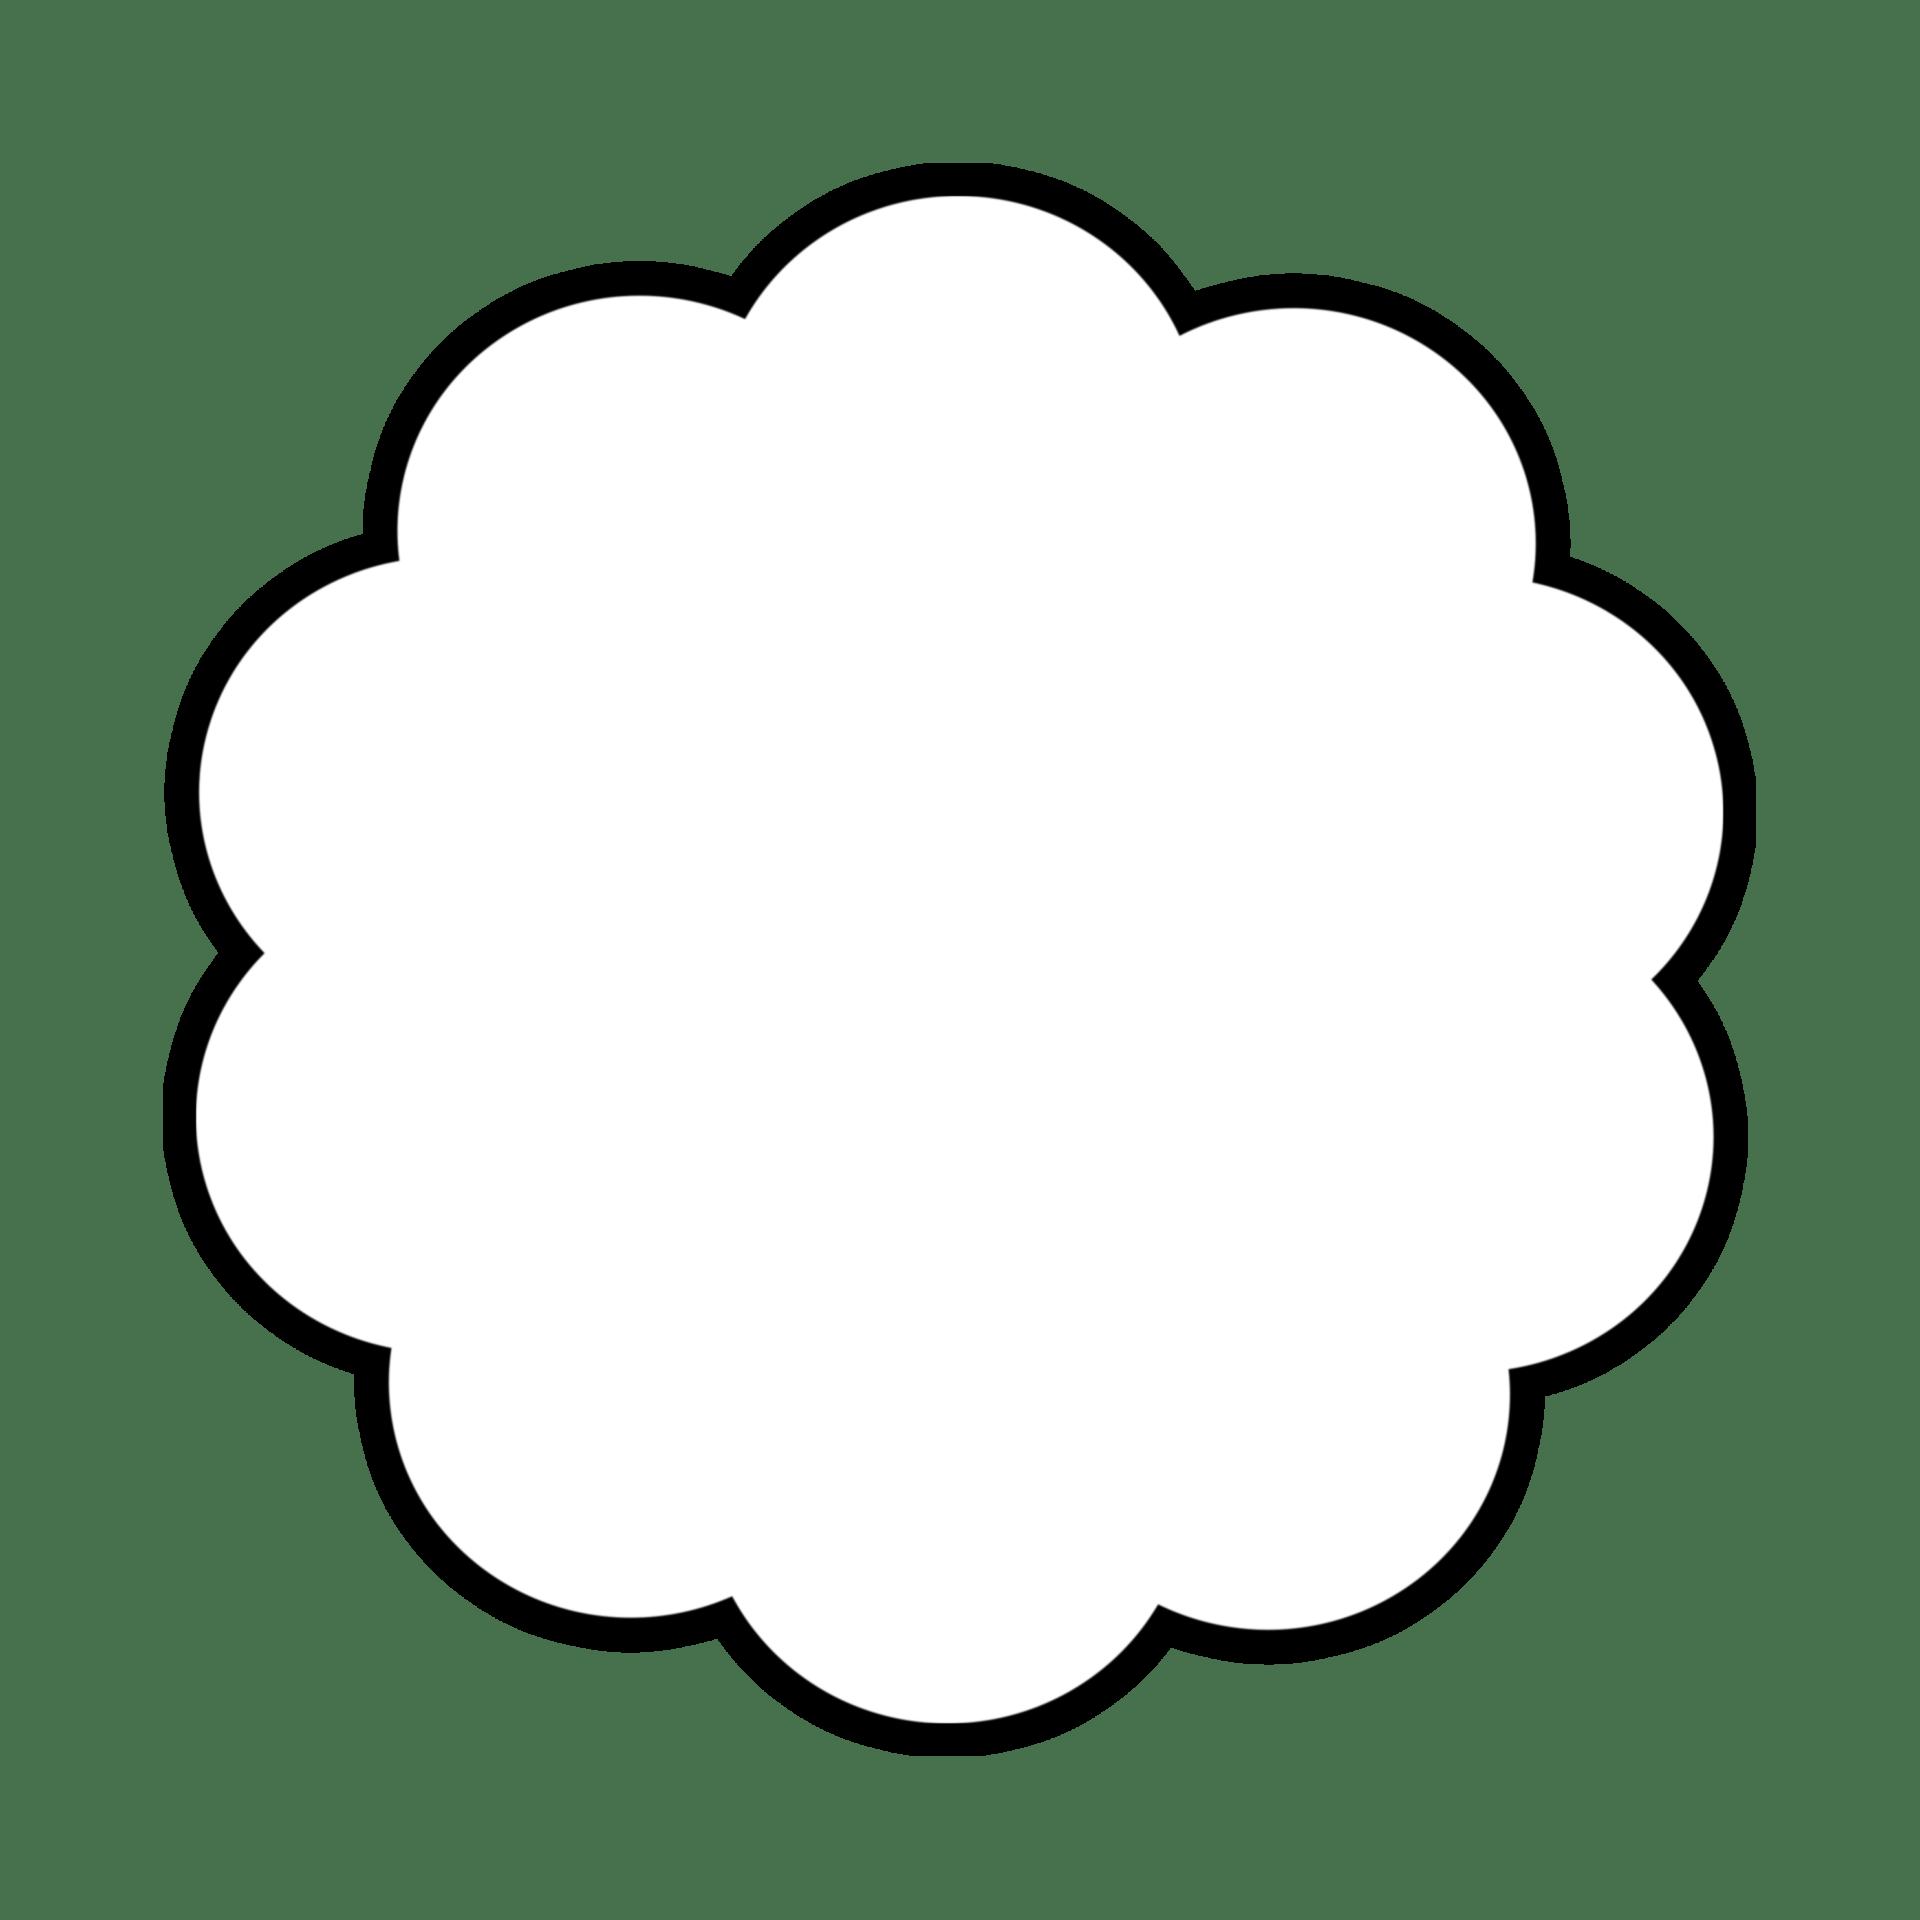 Circular Scallop